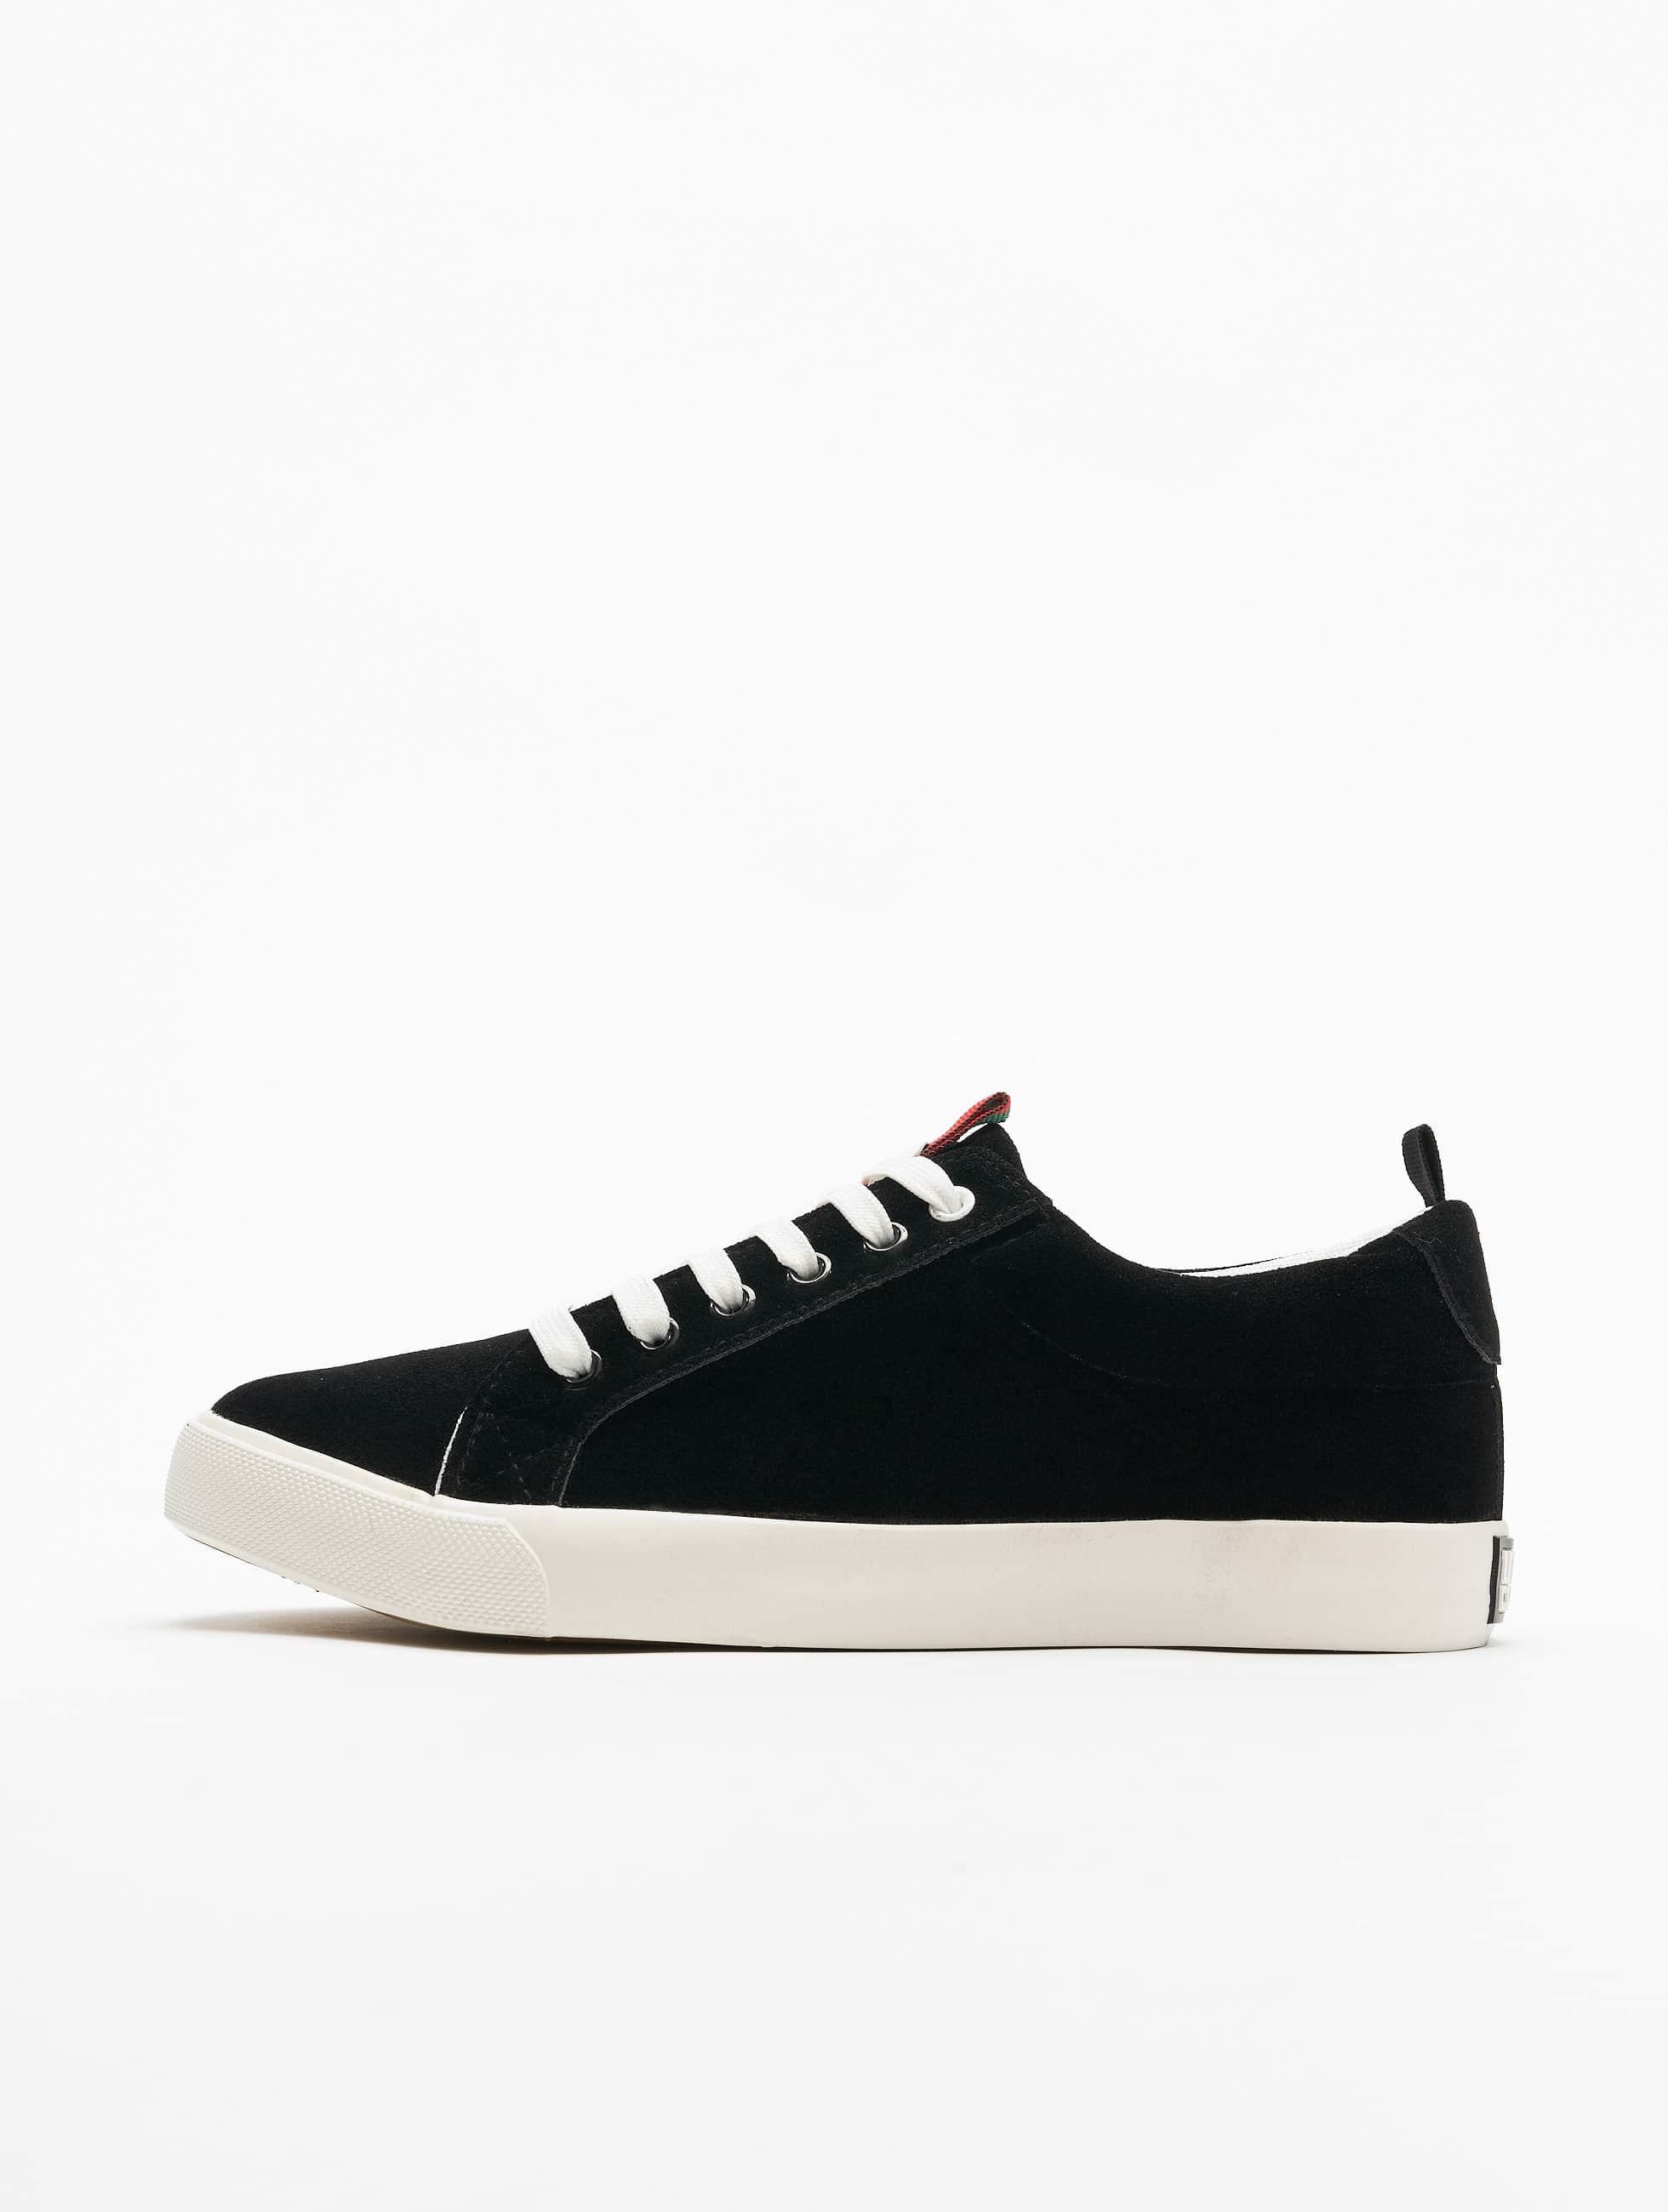 Chaussures Urbaines Classiques Des Blancs Urbains De Taille 37 Hommes Urbains 3nsOr1